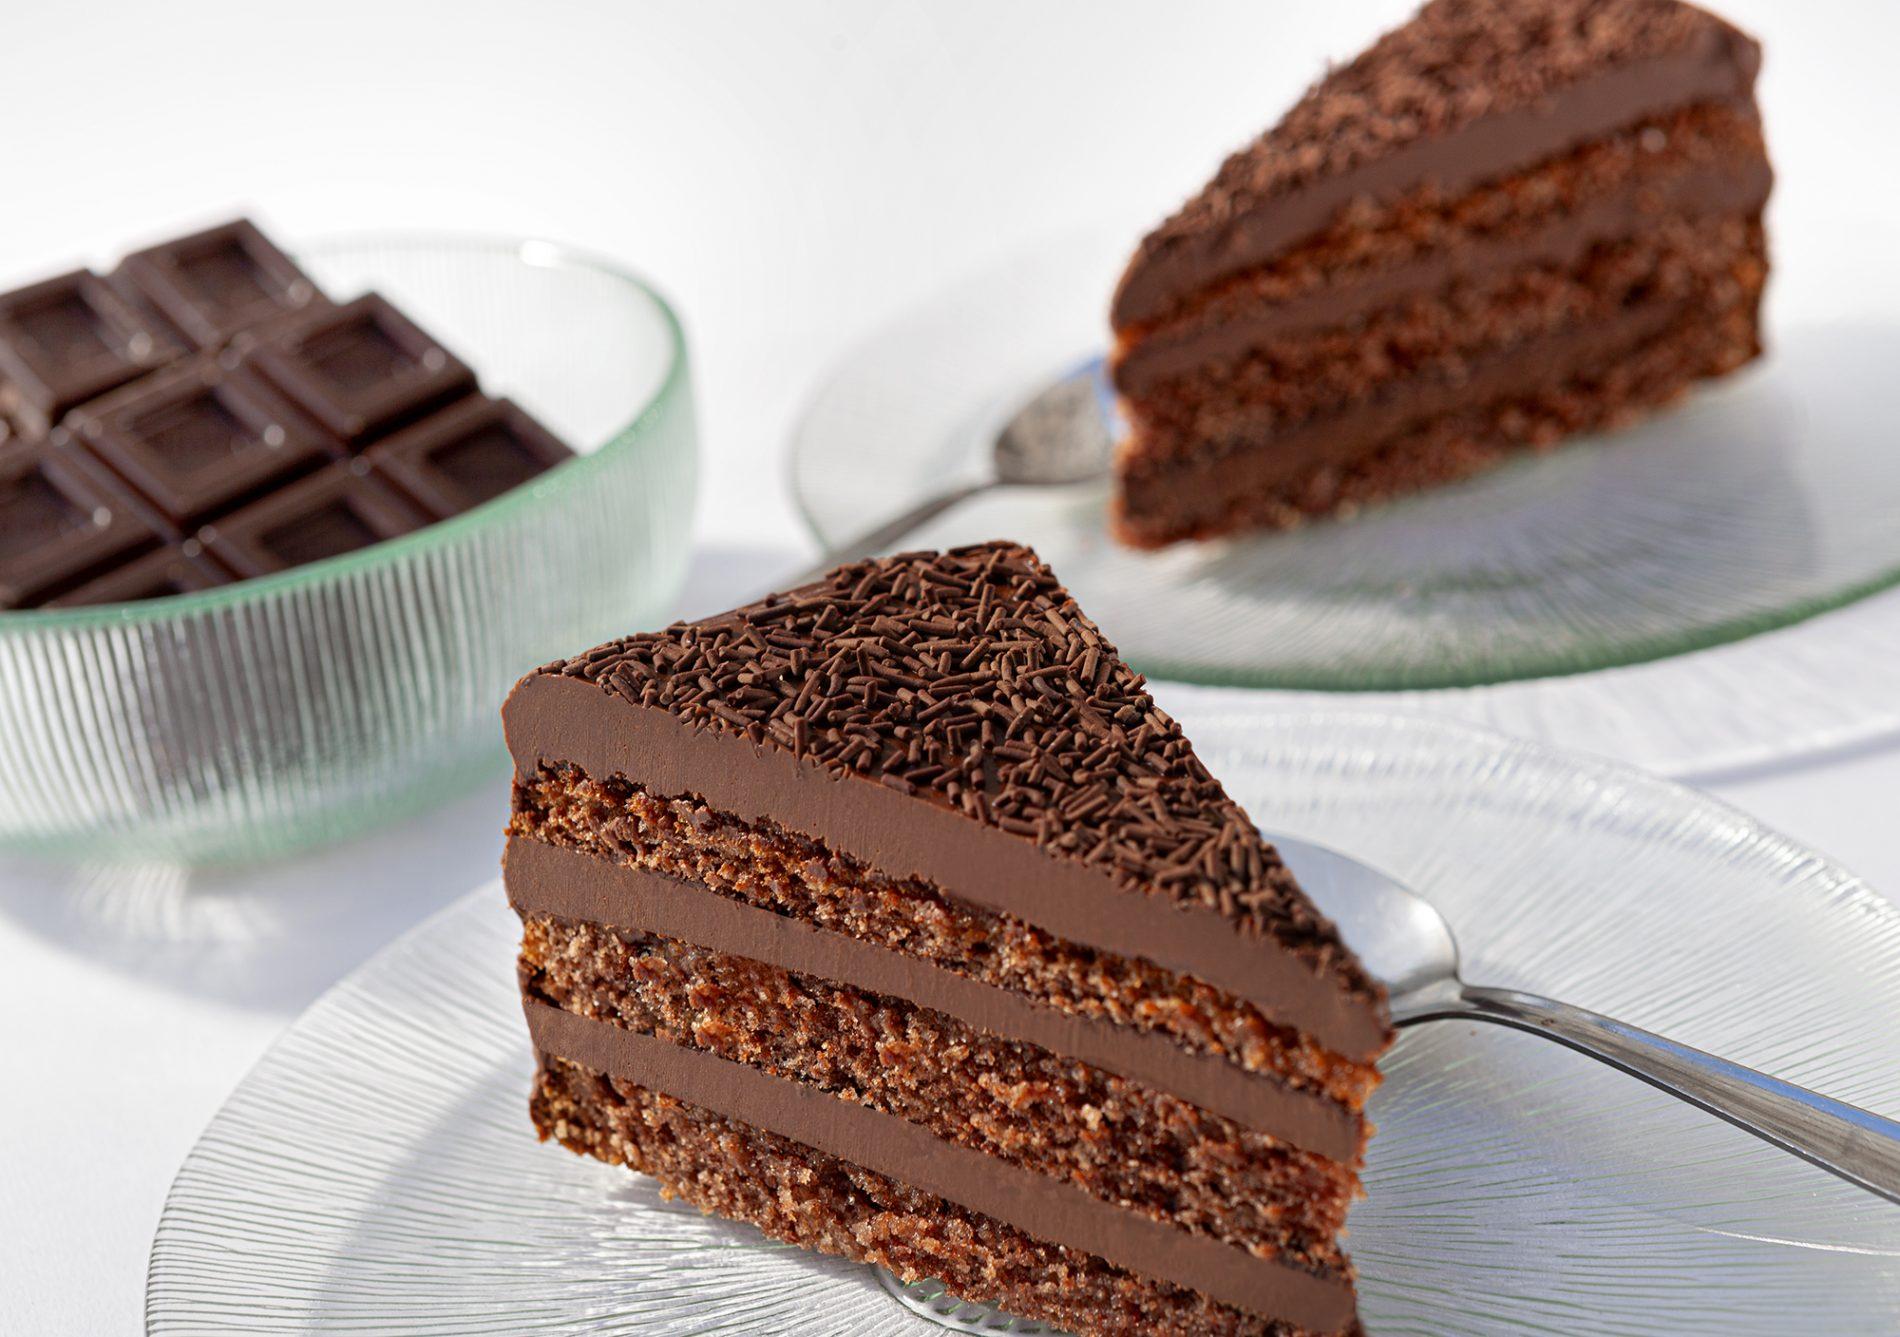 Fotografía de Alimentación. Fotografía Tarta chocolate, chocolates Valor.